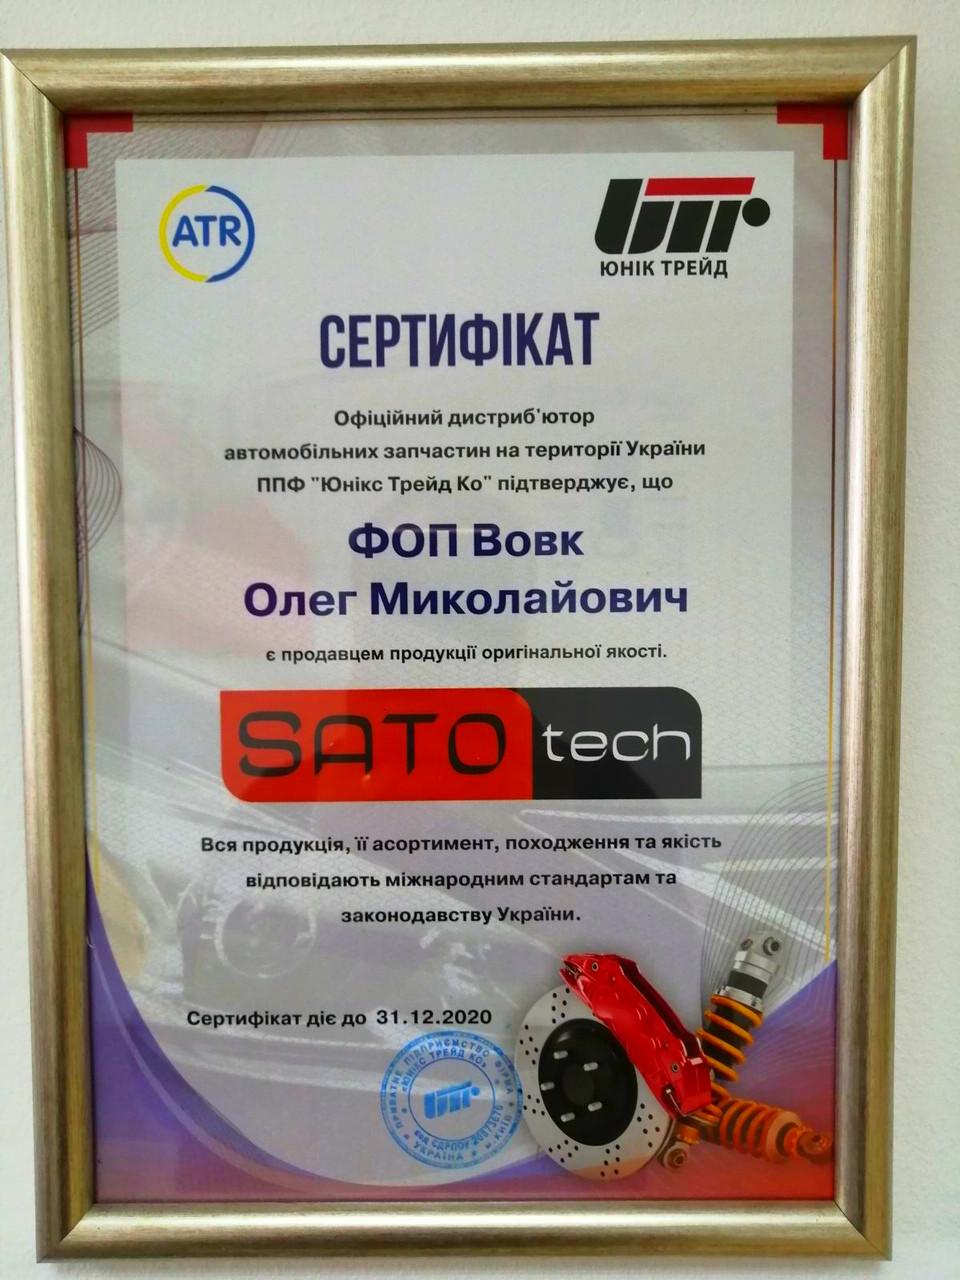 SATO Амортизатор Peugeot 3008 09-